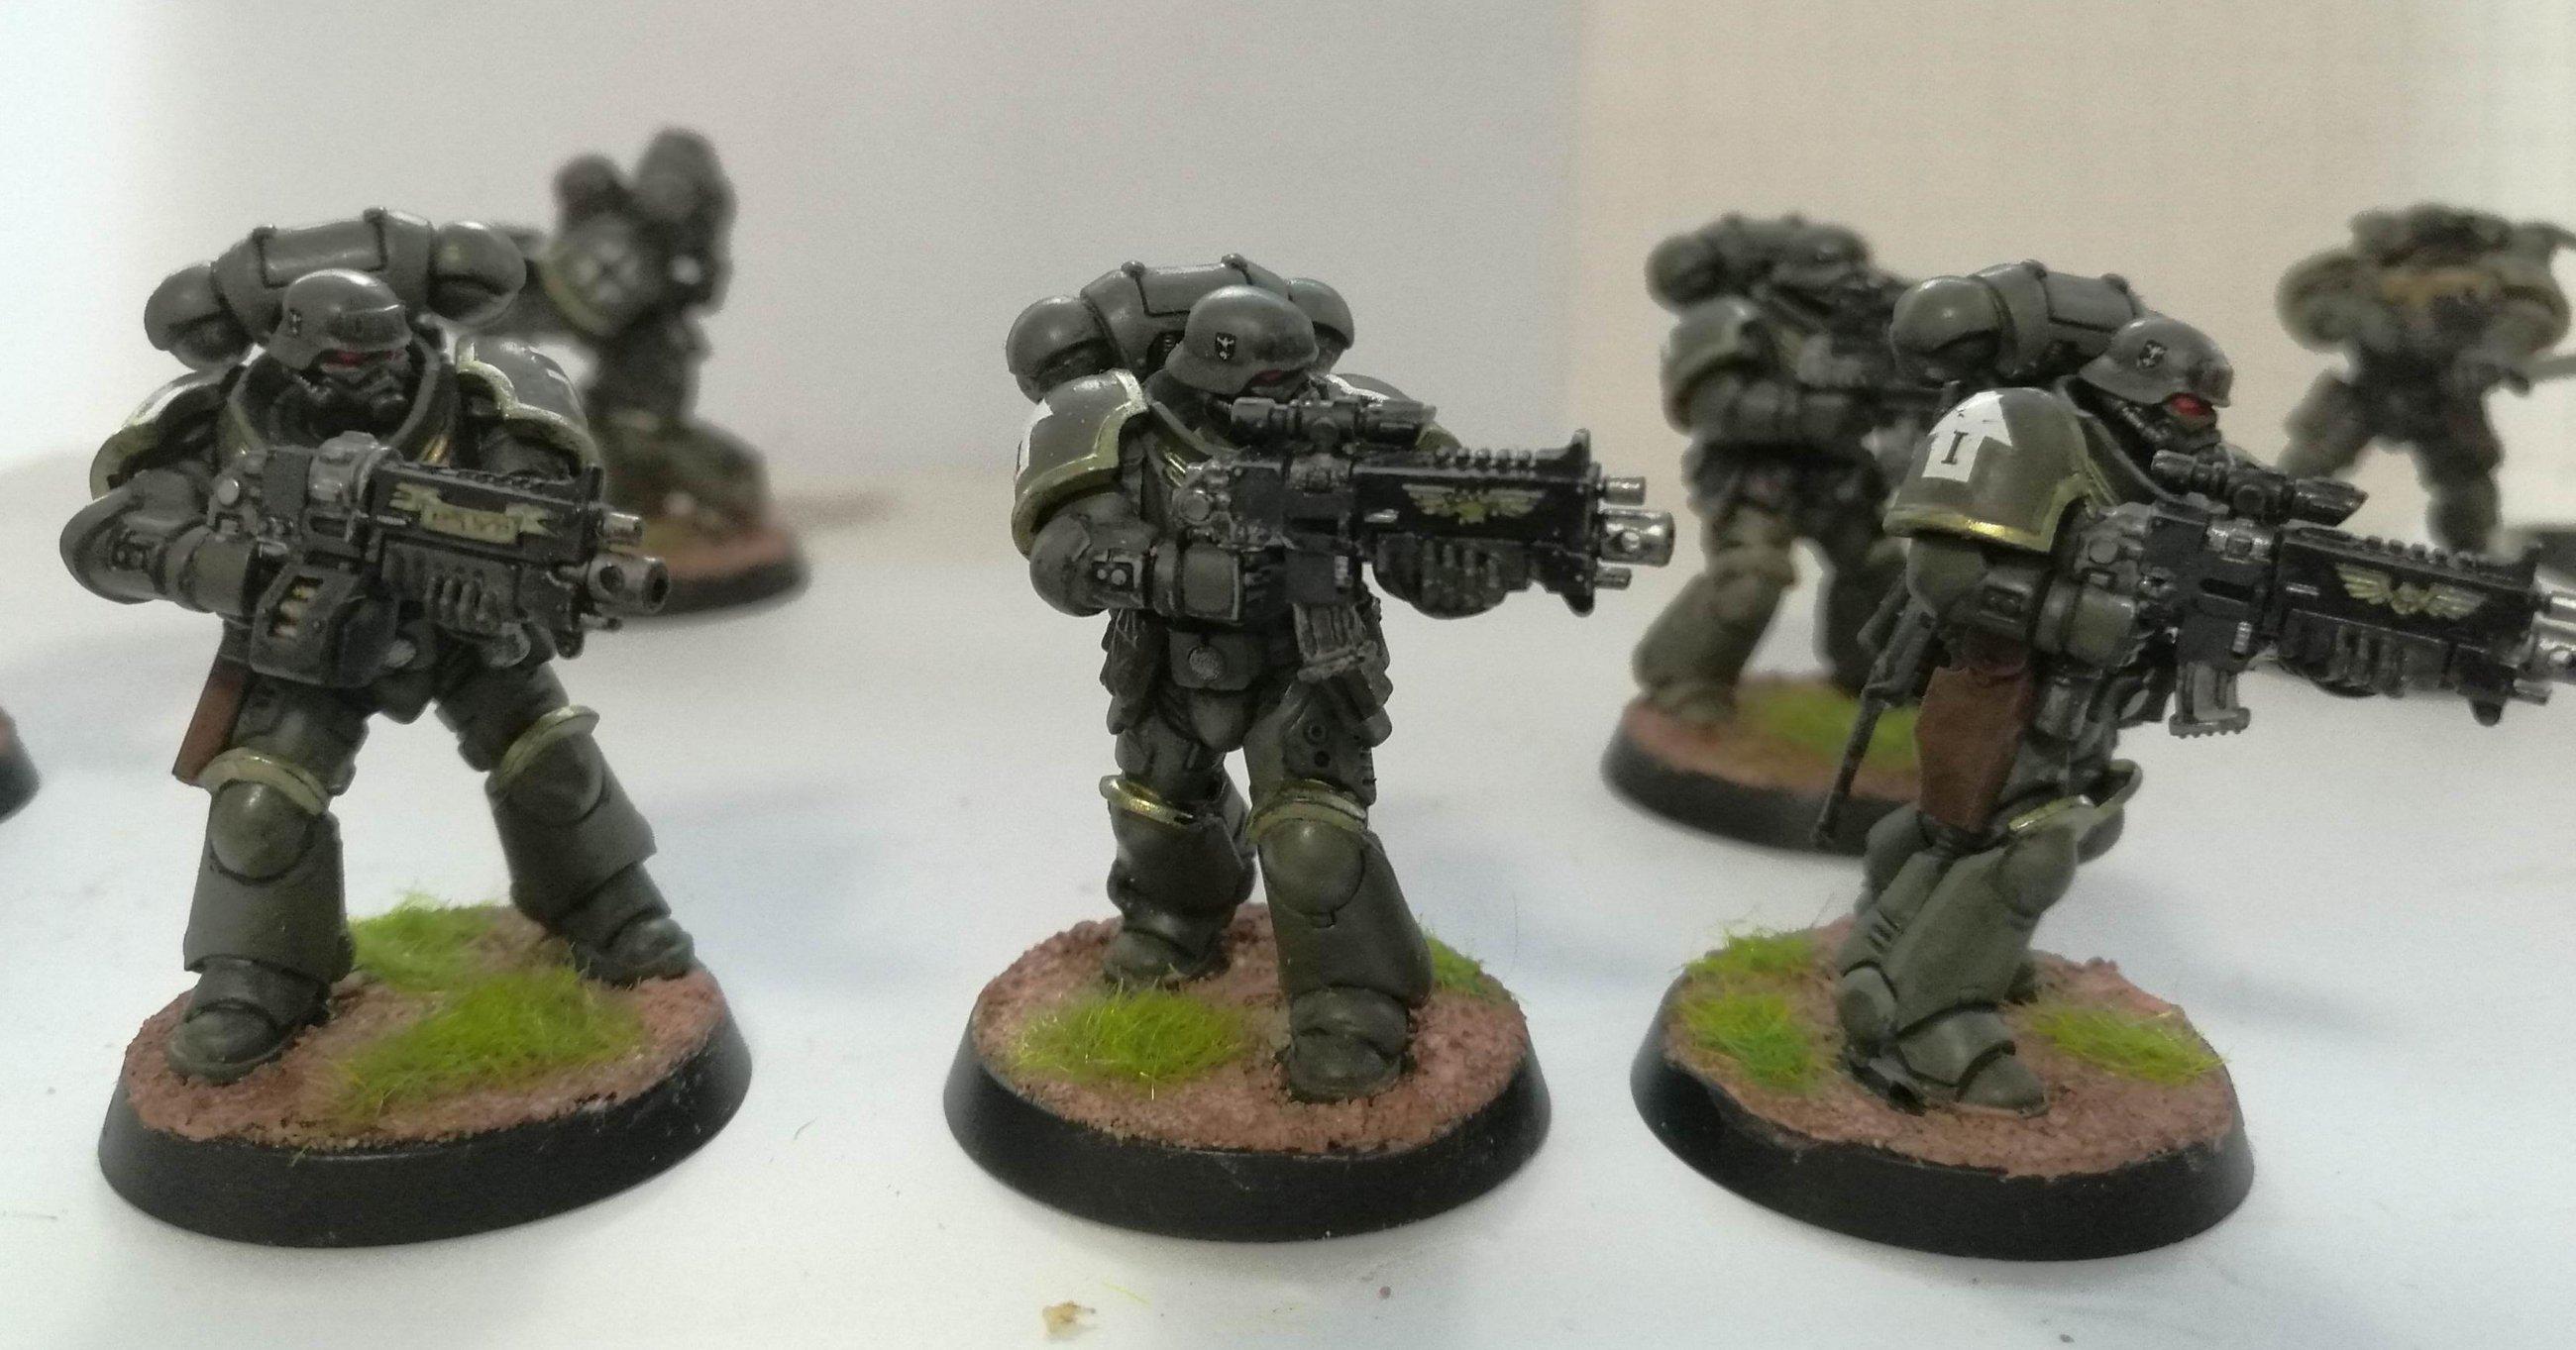 1062258-Eisenkern, Primaris Space Marines.jpg